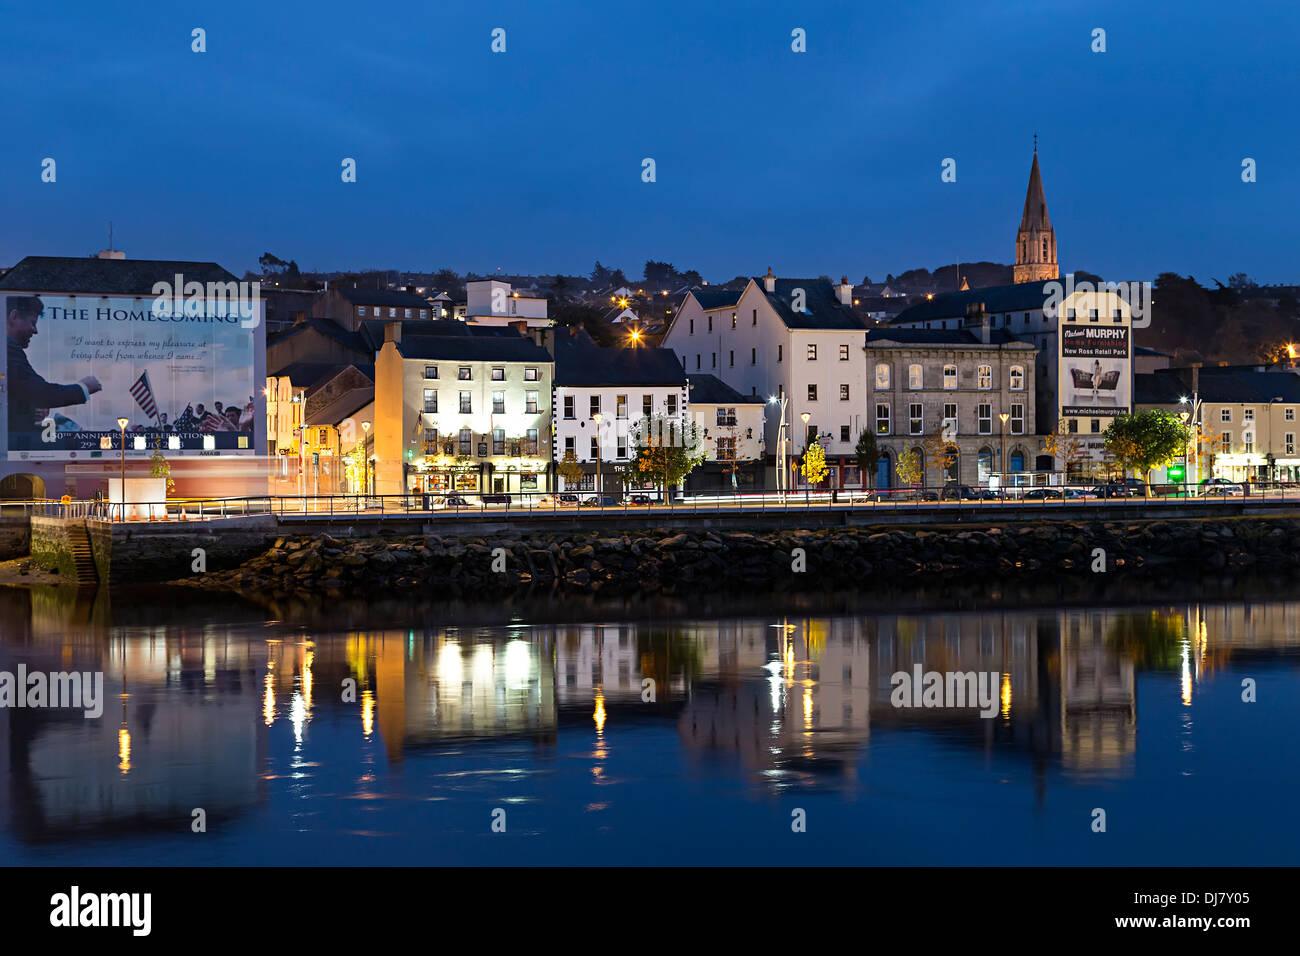 Wexford, Ireland Food & Drink Events | Eventbrite